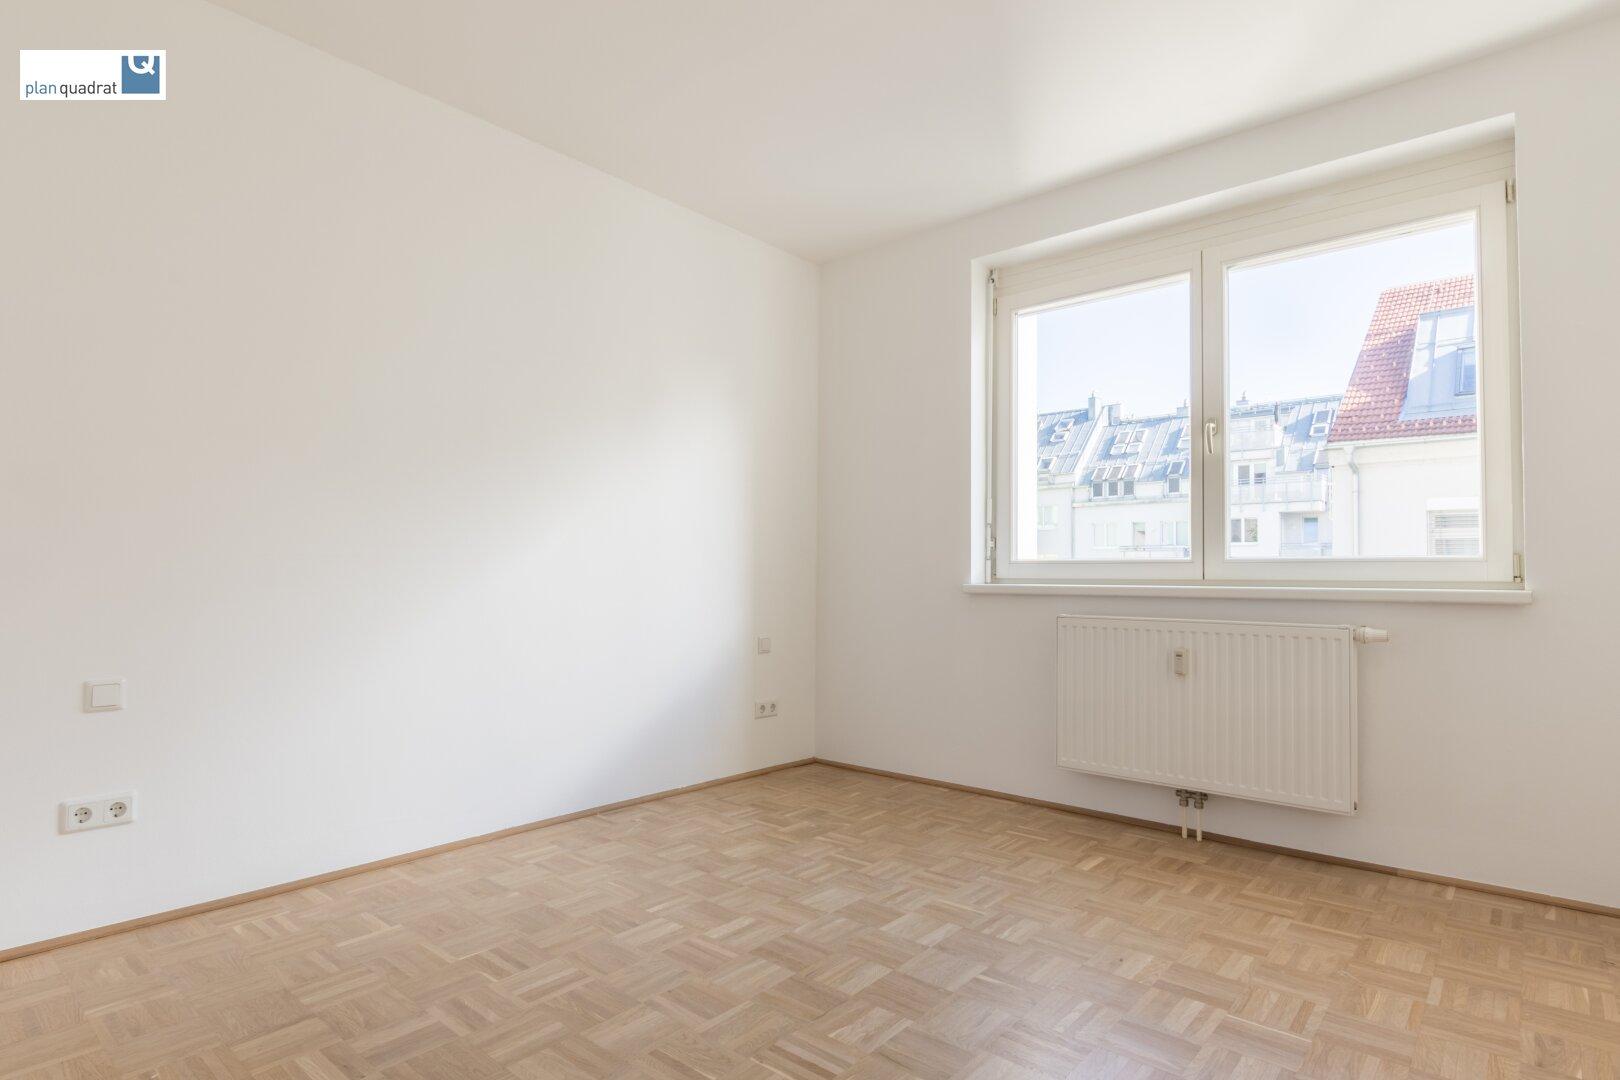 Schlafzimmer (ausgerichtet in den Innenhof)